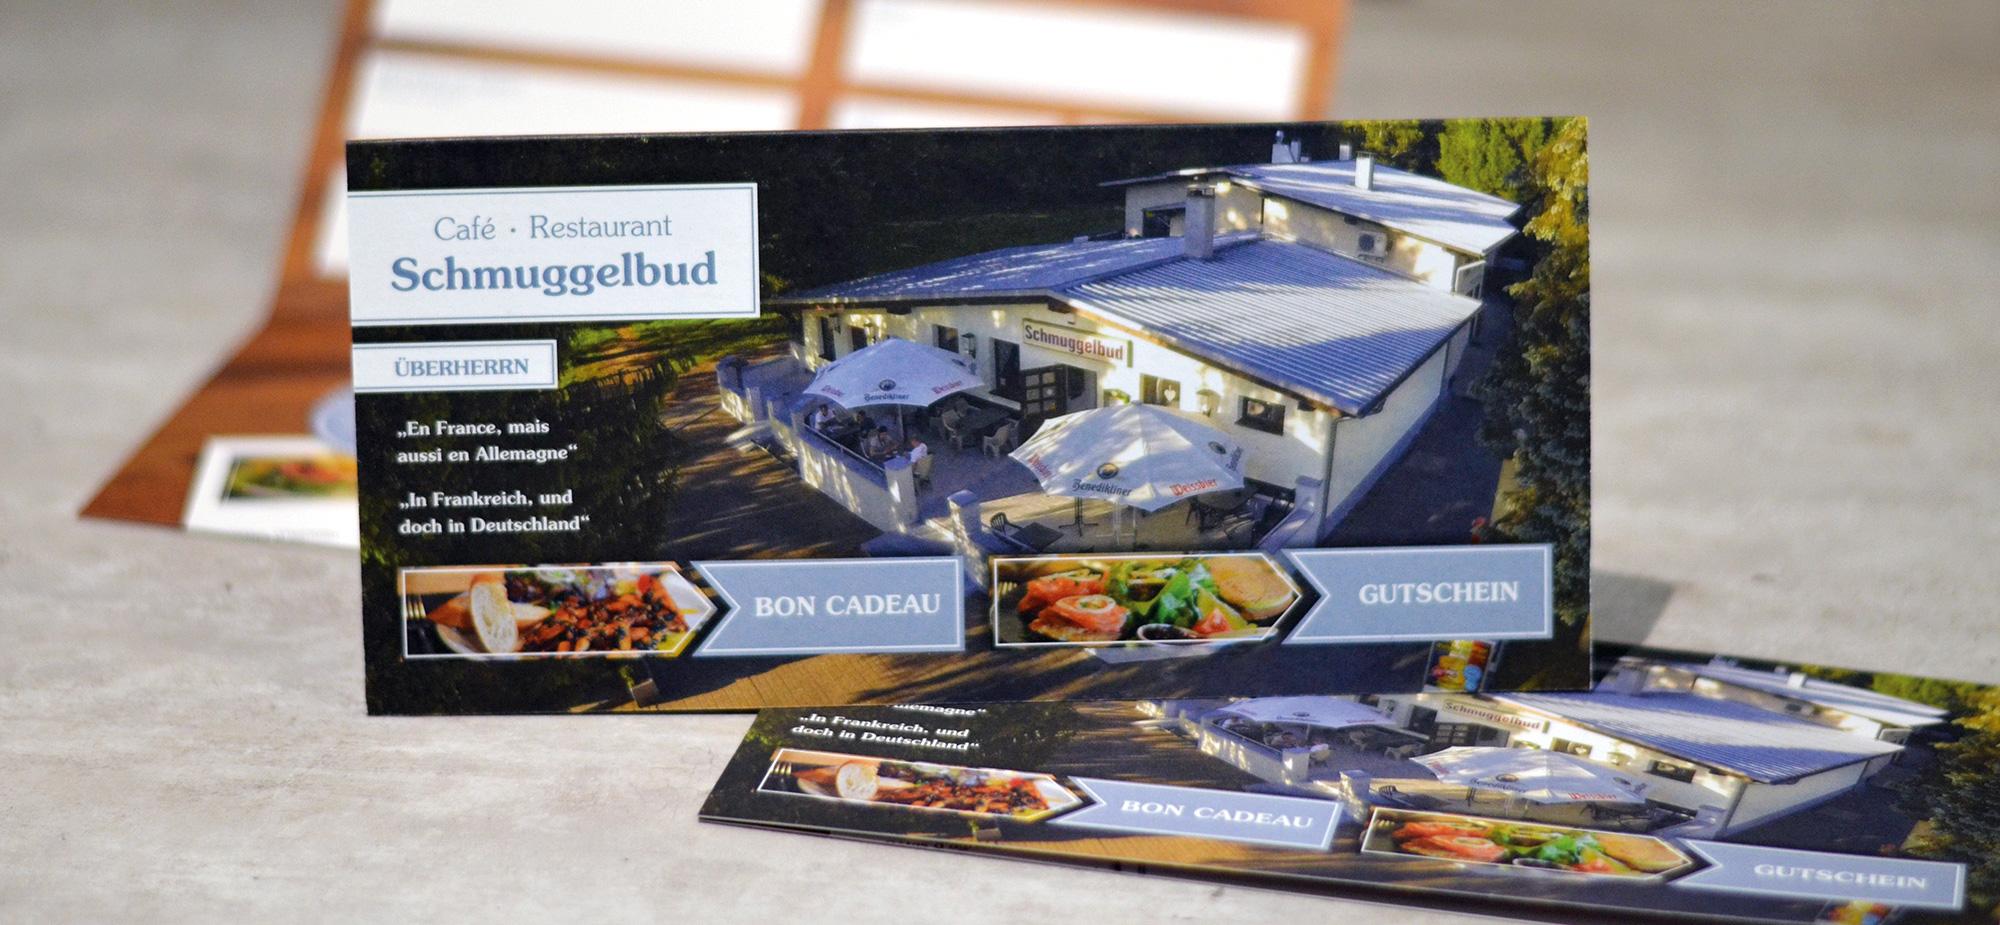 Restaurant Schmuggelbud Überherrn Creutzwald Saarlouis